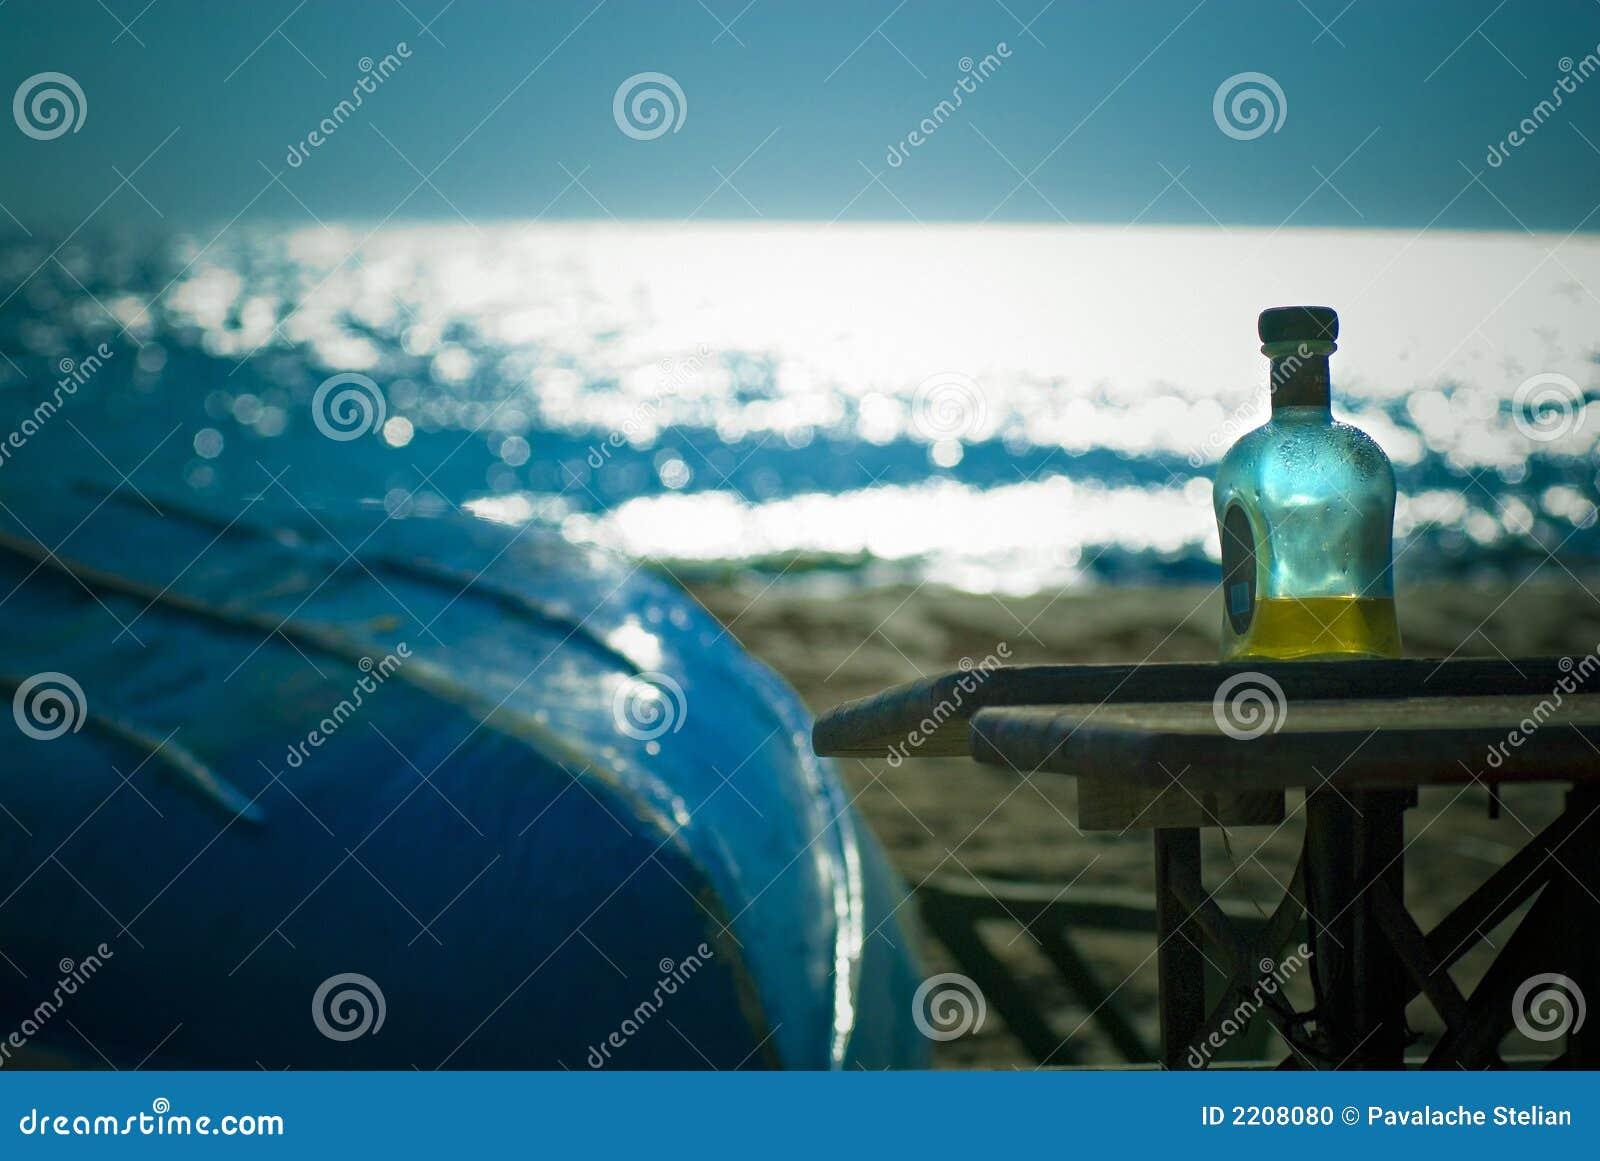 Boisson alcoolisée dure et bateau sur la plage